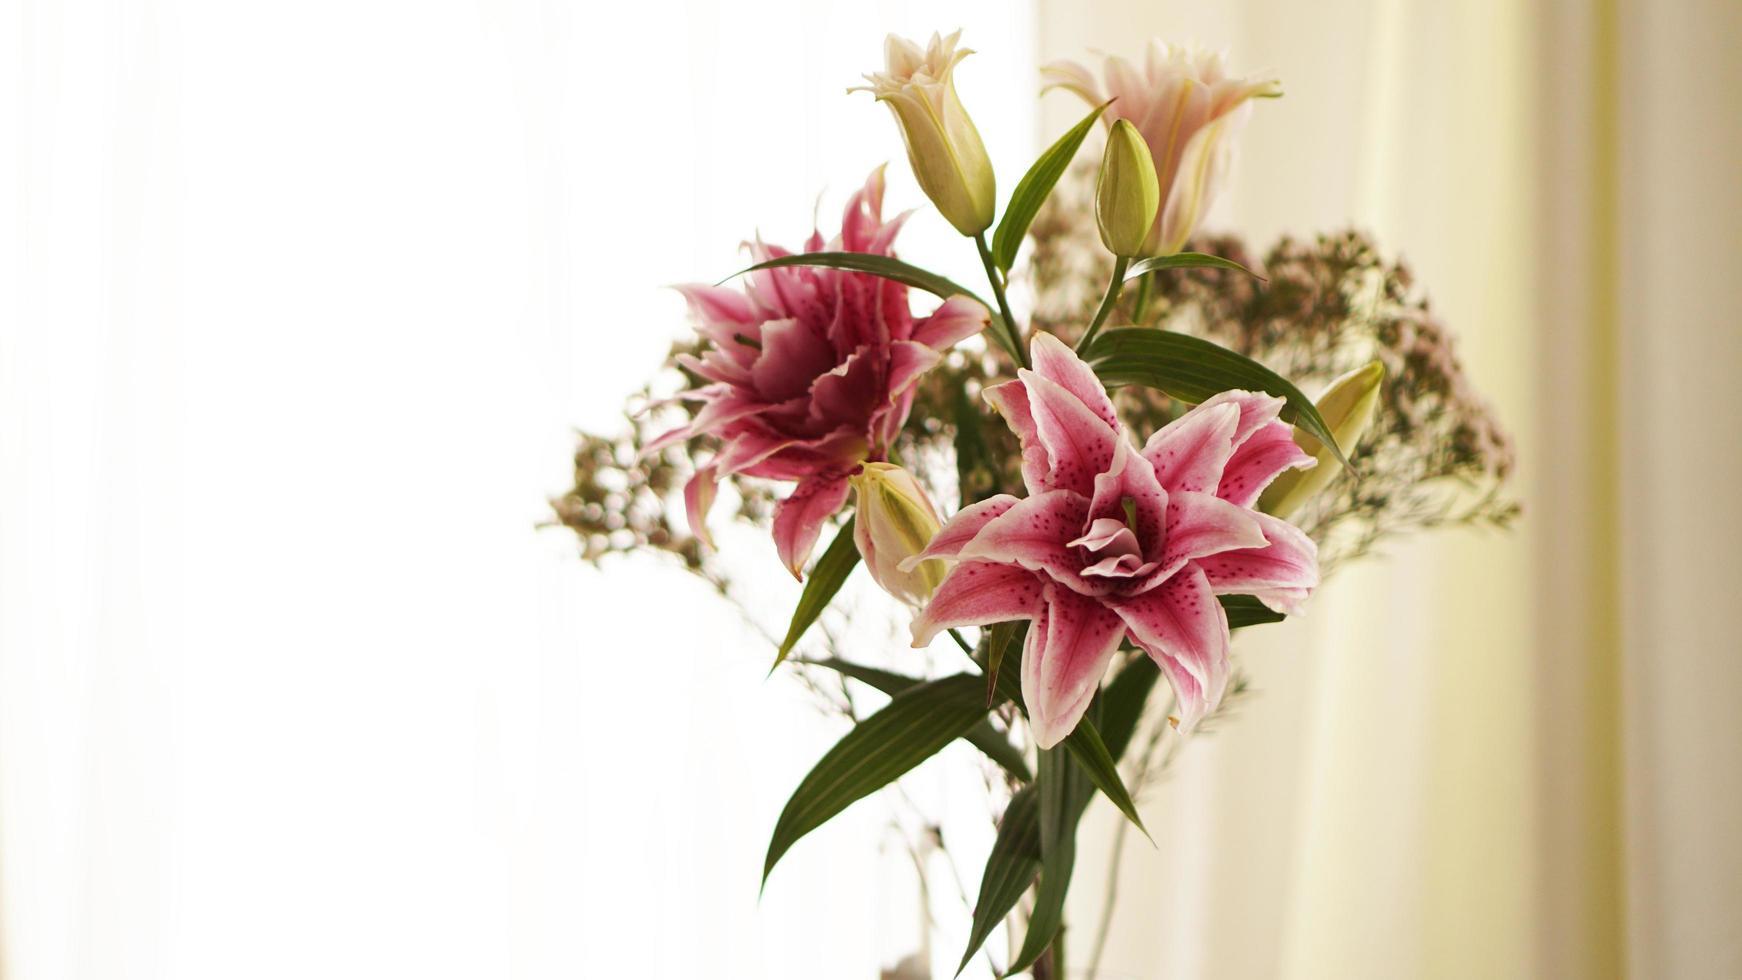 Image en gros plan d'un lis frais rose qui fleurit en été photo